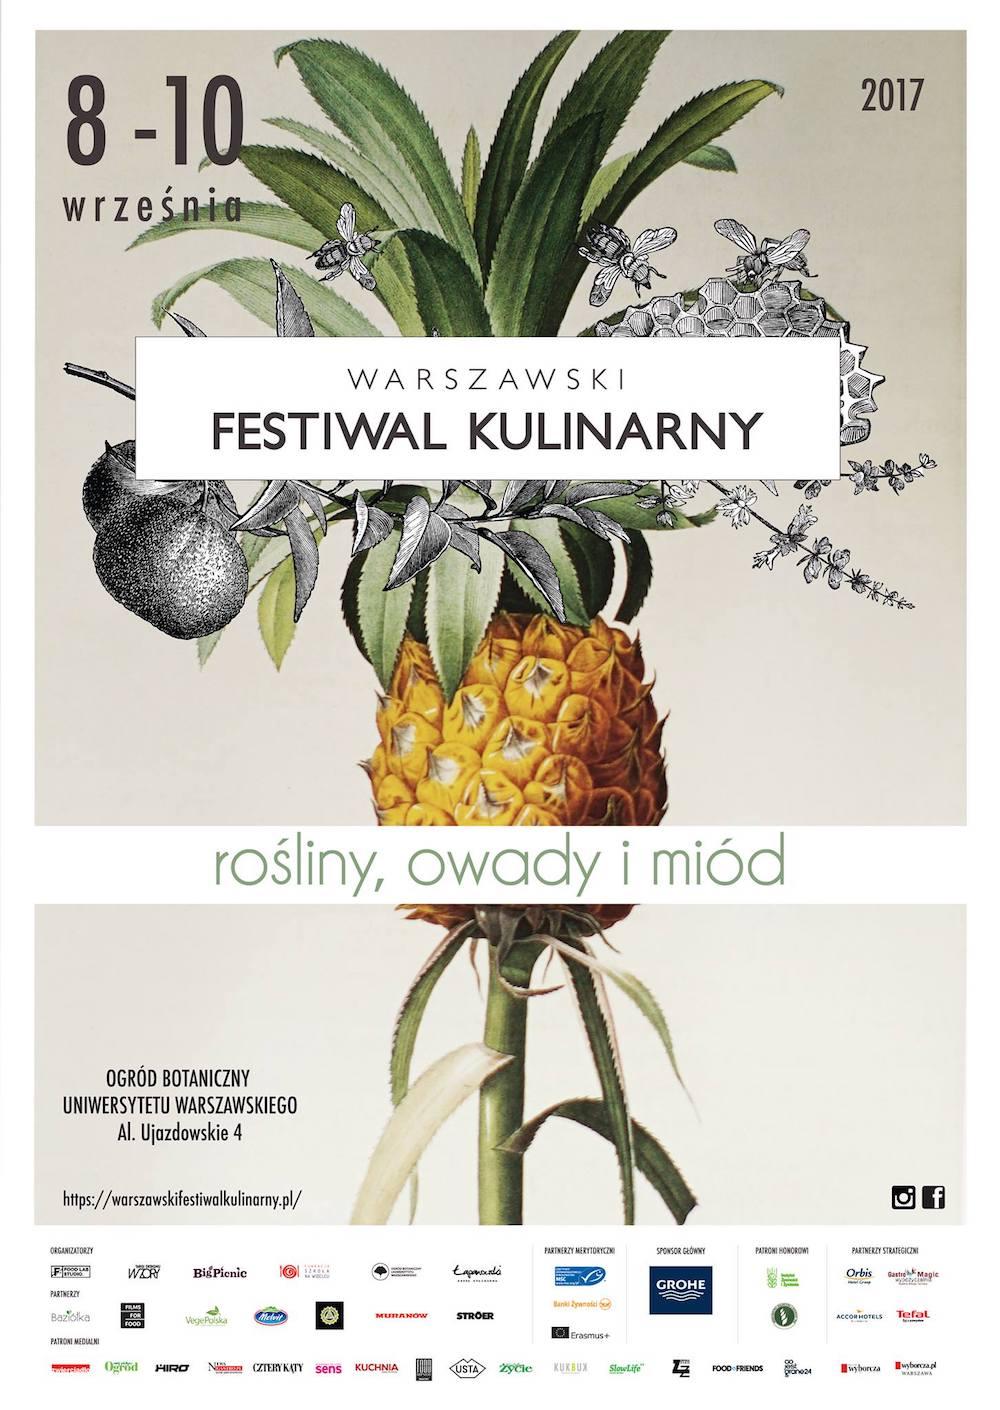 Plakat zapowiadający Warszawski Festiwal Kuliarny